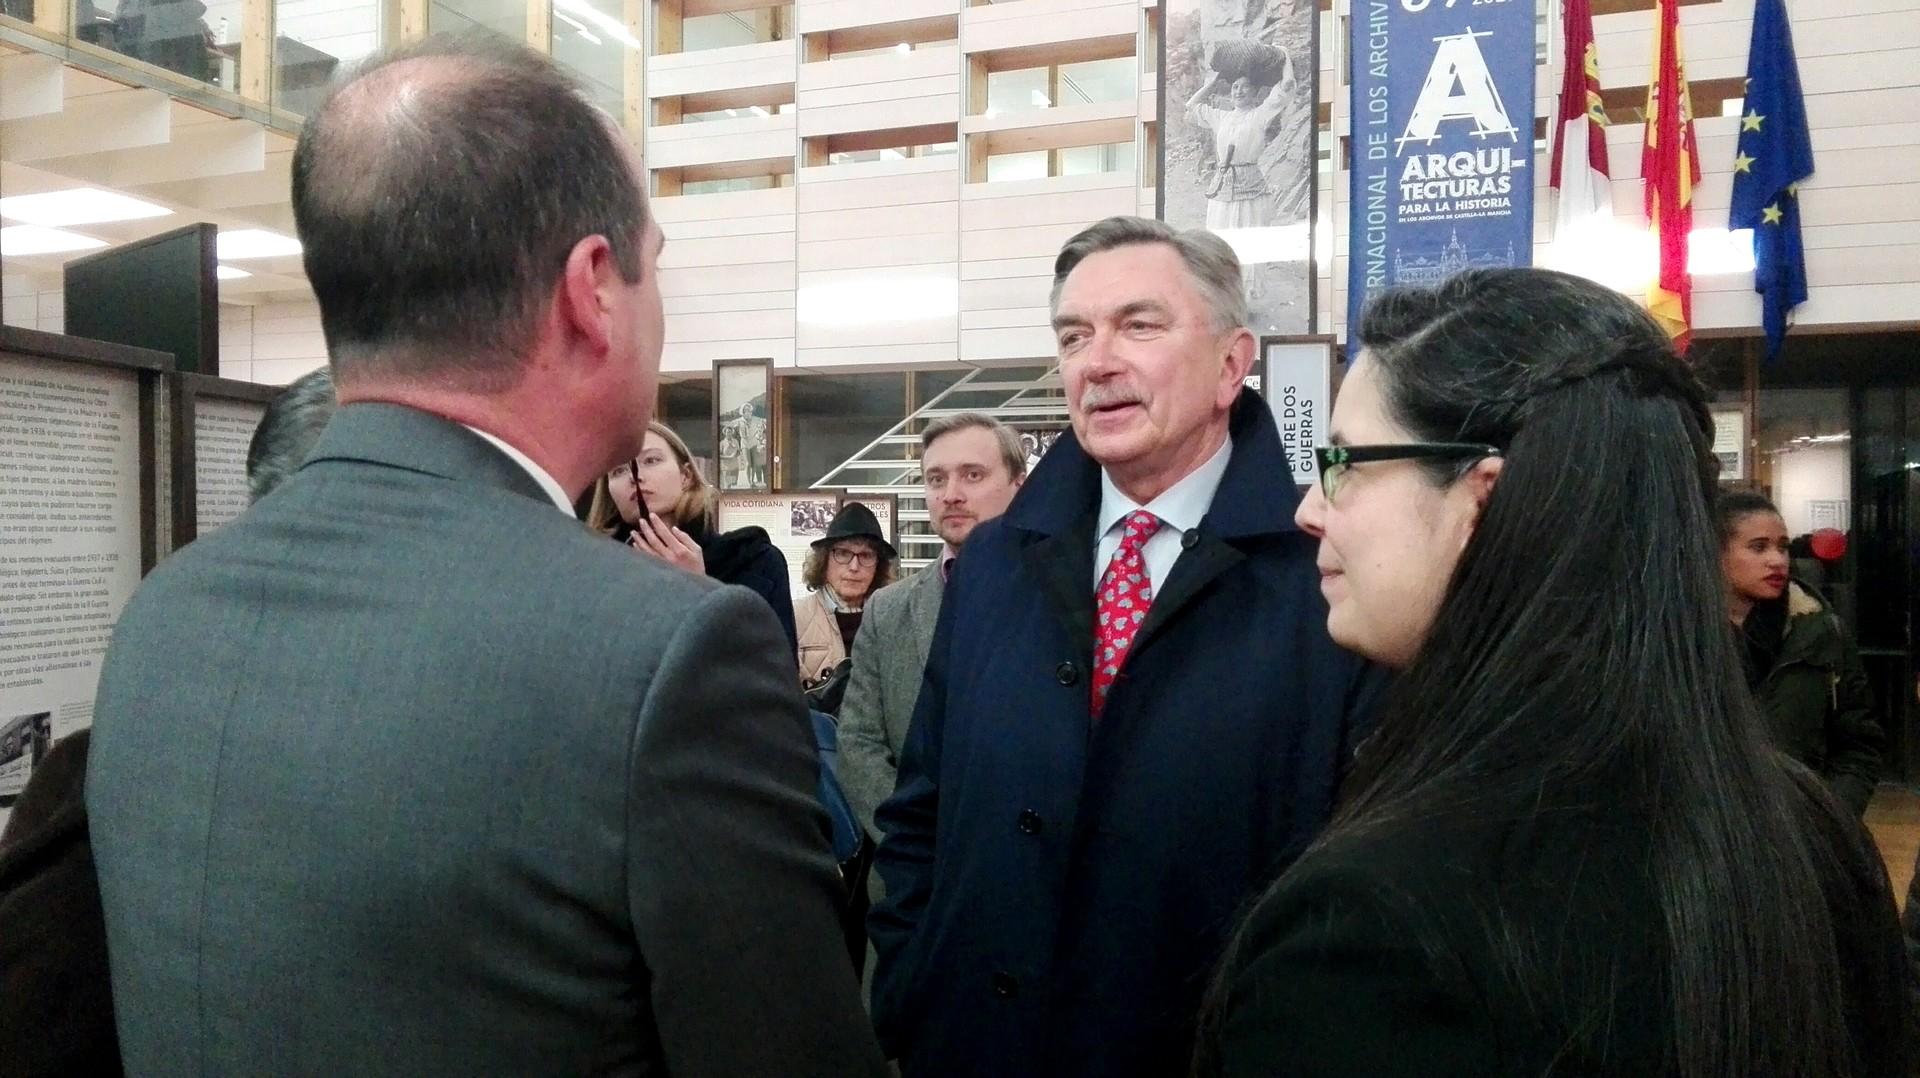 El Embajador de Rusia en España, Yuri Korchagin, junto a la comisaria de la exposición, Verónica Sierra.